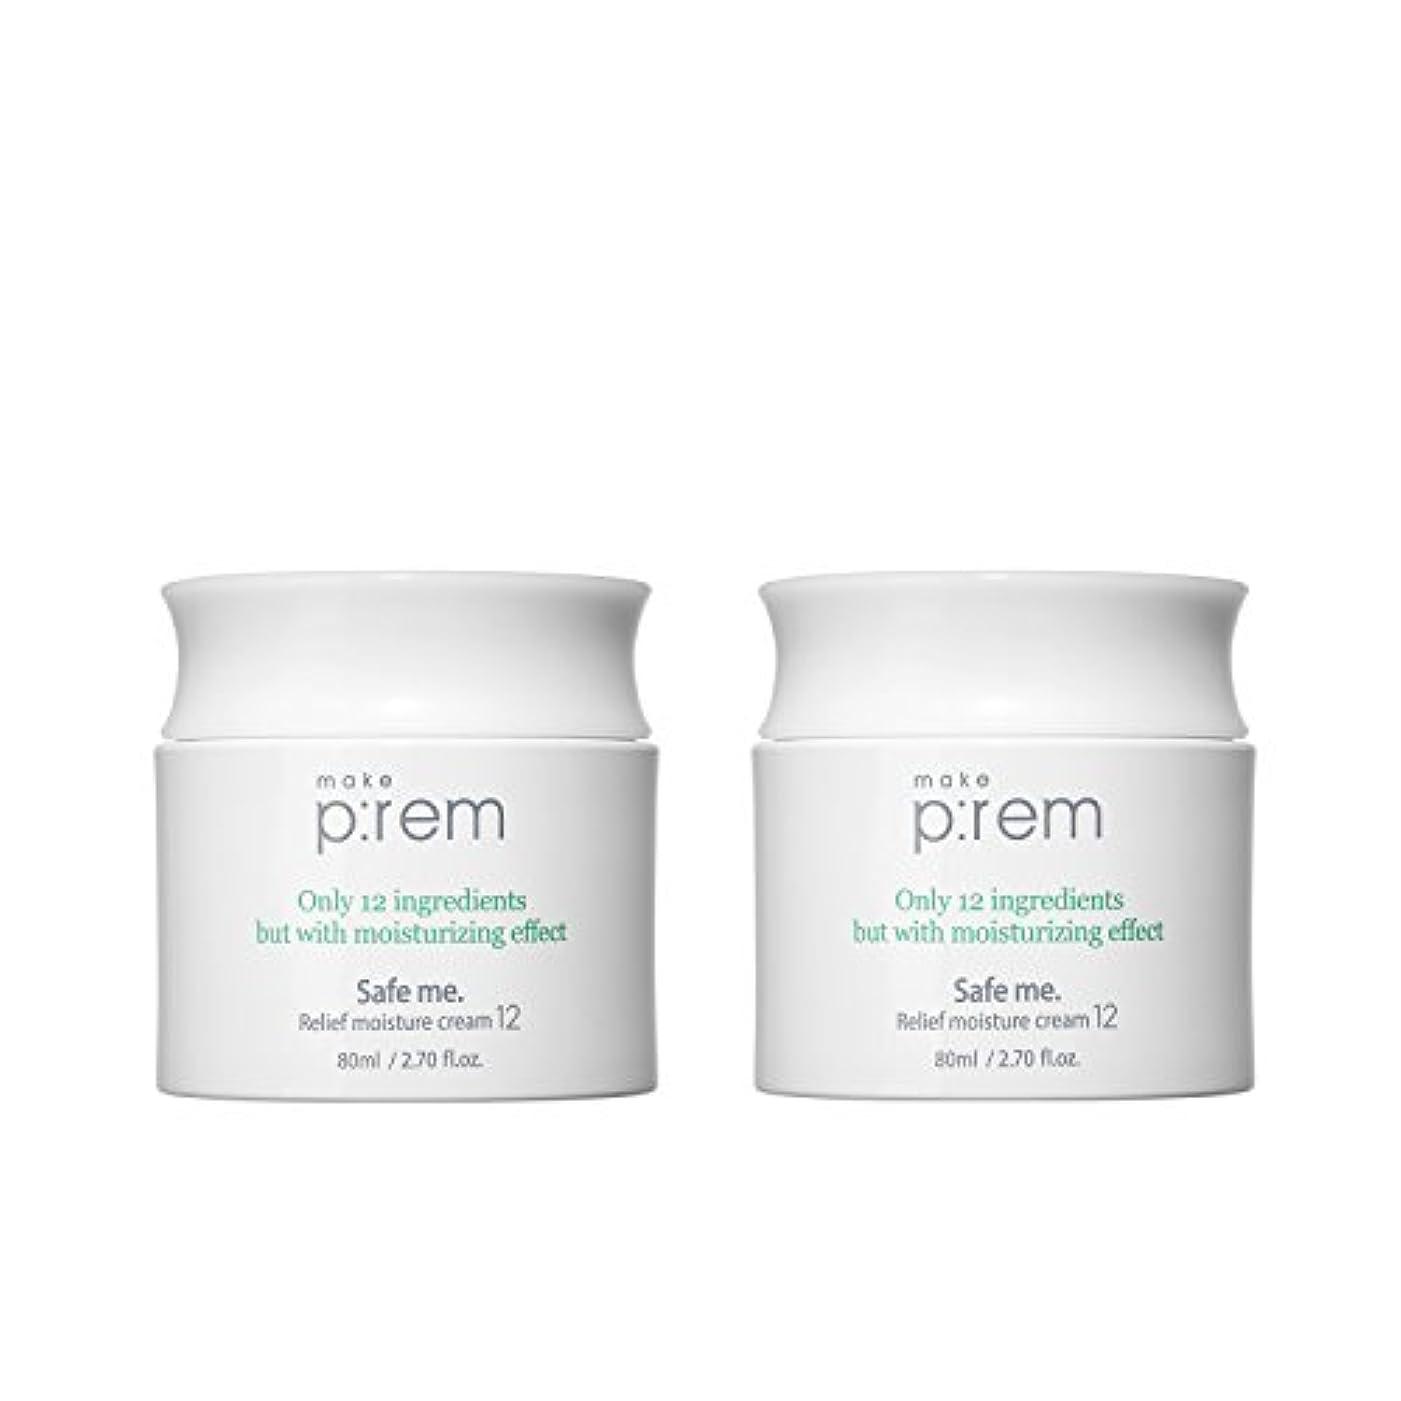 出血プロポーショナルアトラス(2個セット) x [MAKE P:REM] メイクプレム セーフミ?リリーフモイスチャークリーム12 80ml / Safe me. Relief moisture Cream 12 80ml / / 韓国製 . 海外直送品